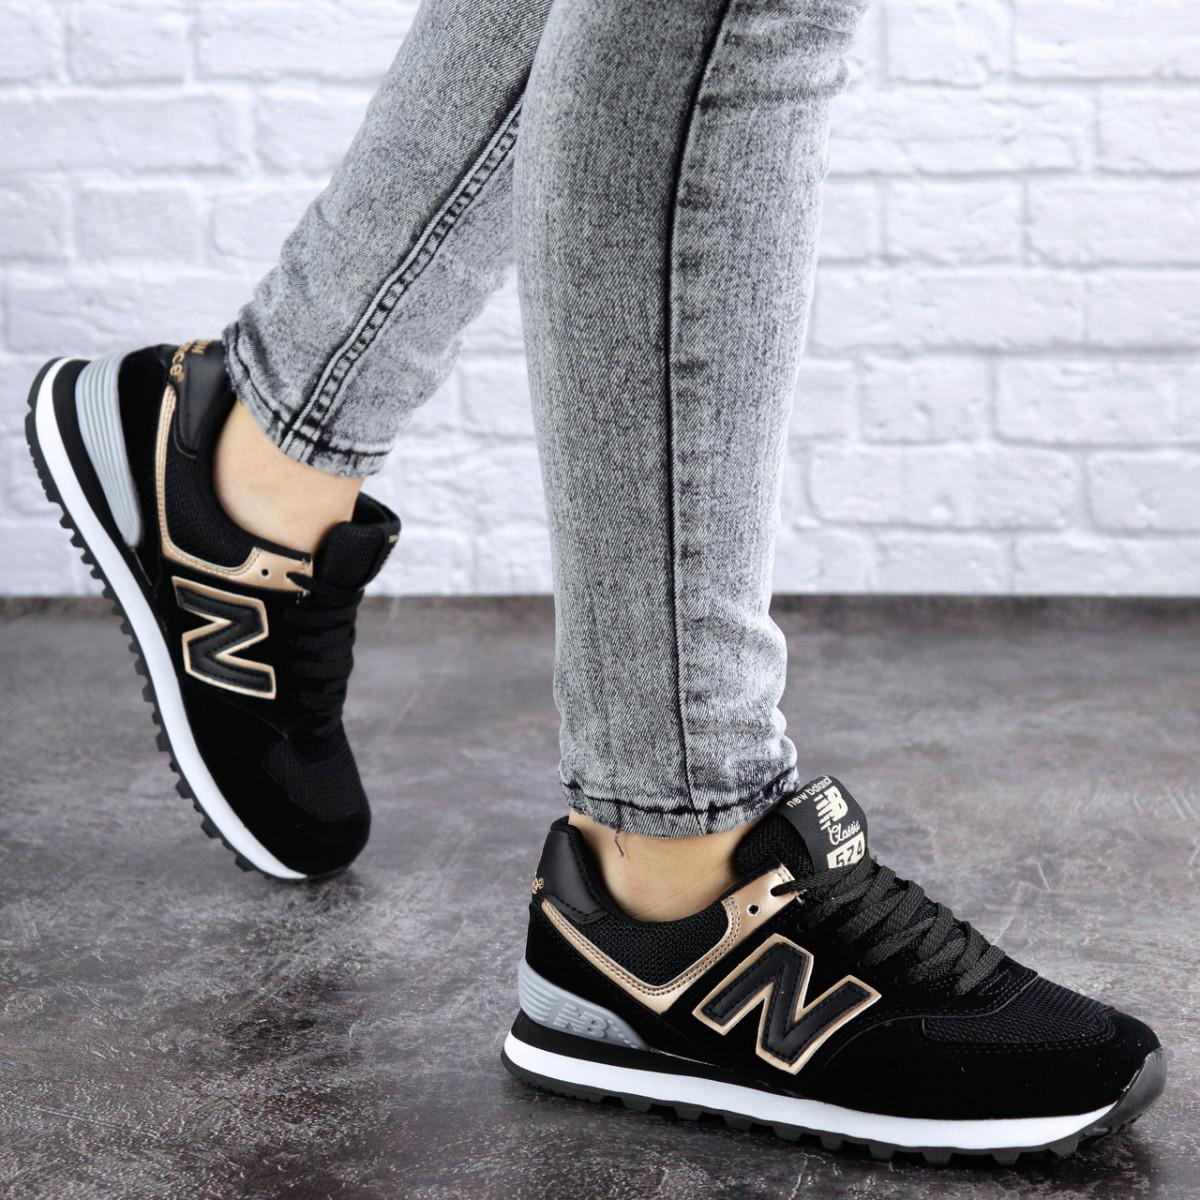 Женские кроссовки Fashion Nix 1990 36 размер 23 см Черный